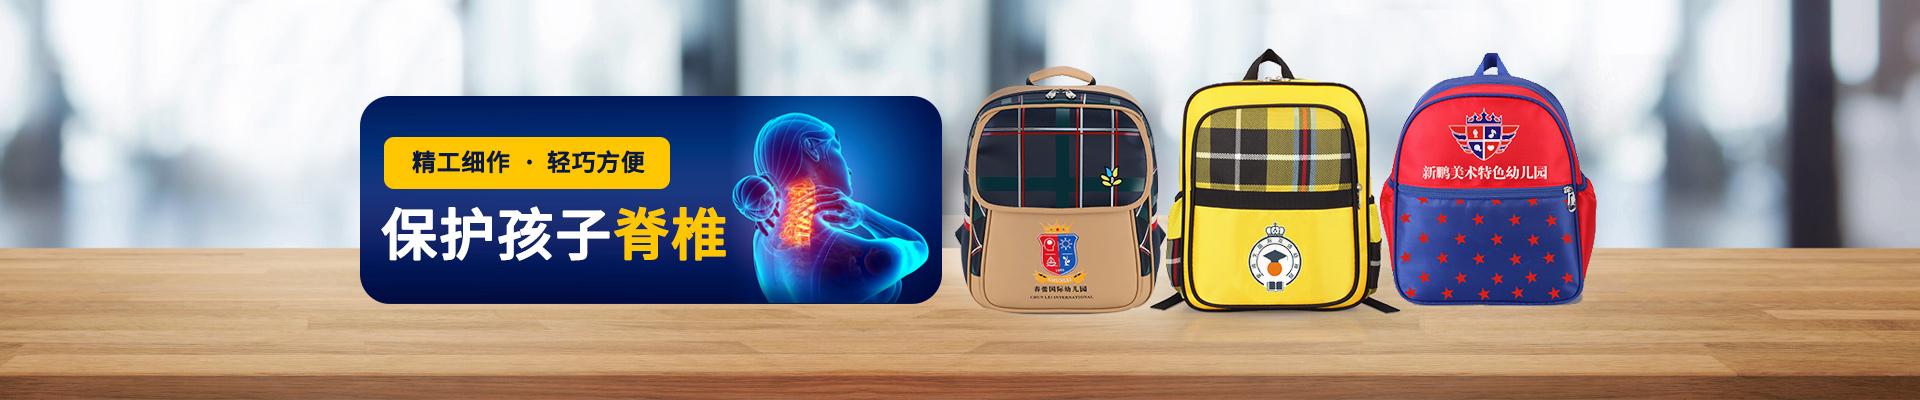 美惠宝-保护孩子脊椎